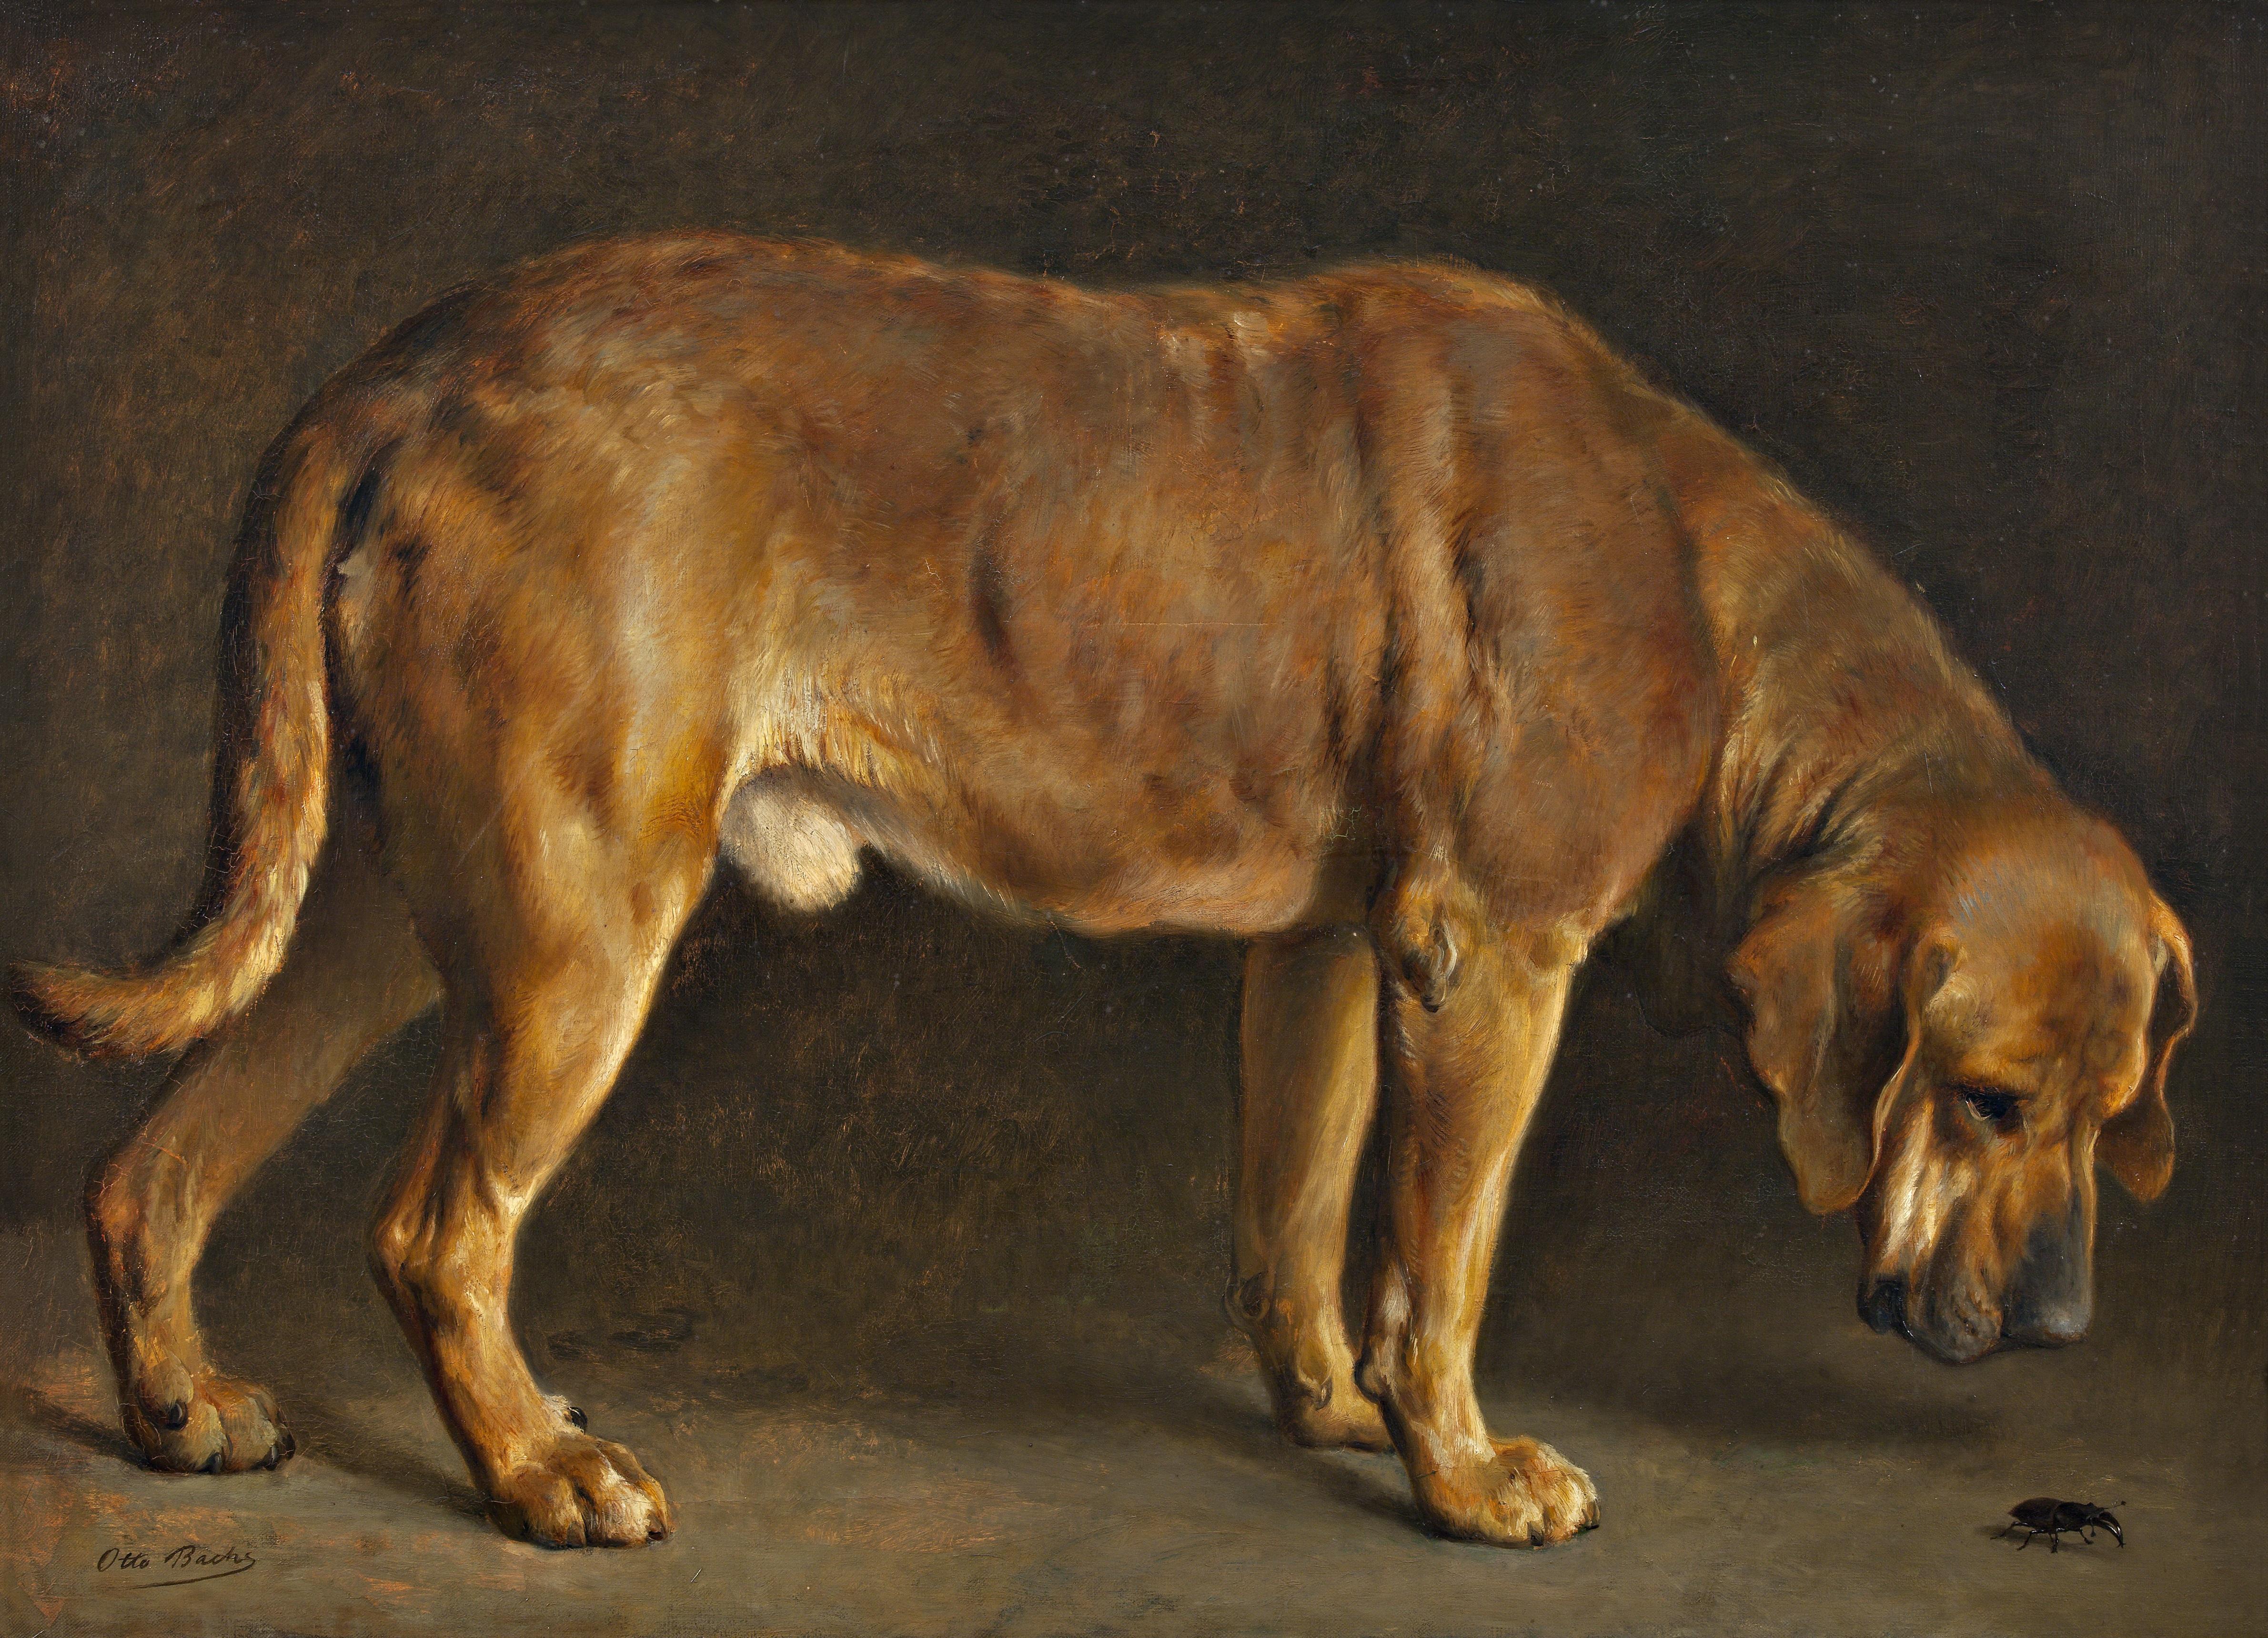 Maleri af Otte Bache, En broholmerhund ser på en eghjort, 1871. Nivaagaards Malerisamling